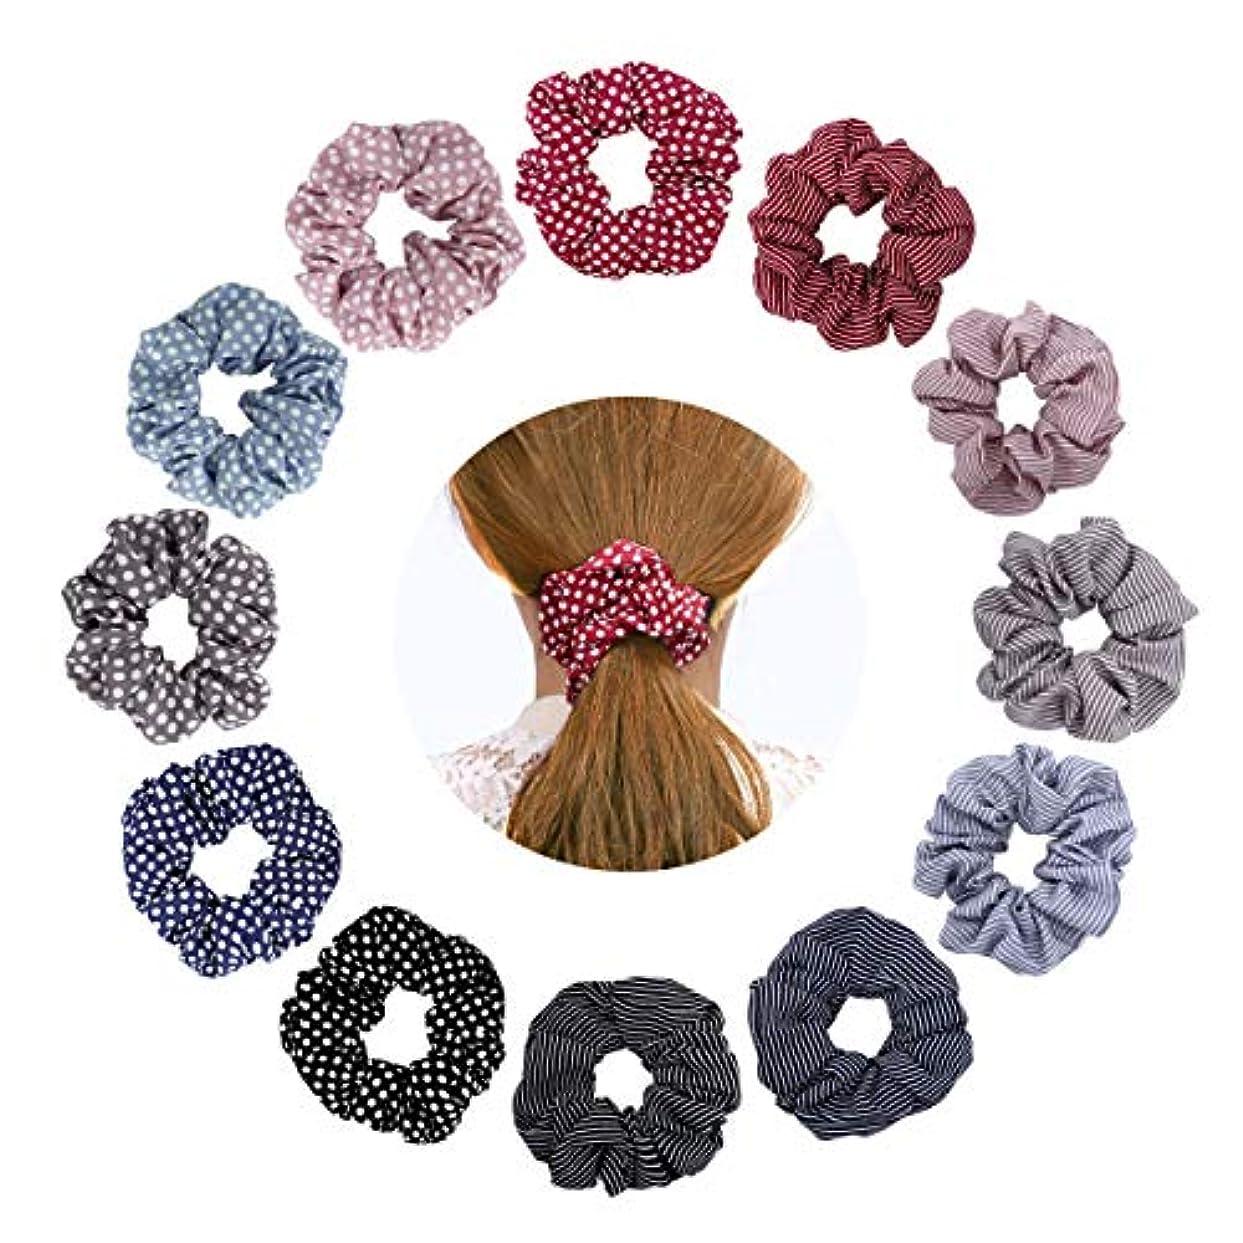 コード六月評価可能ヘアゴム - シュシュ ヘアアクセサリー スカーフ リングゴム ヘアアクセ ヘアリング 髪飾り 髪留め ボリューム シュシュ 上品 花柄 おしゃれ 大人っぽい 女性 通勤 プレゼント レディース